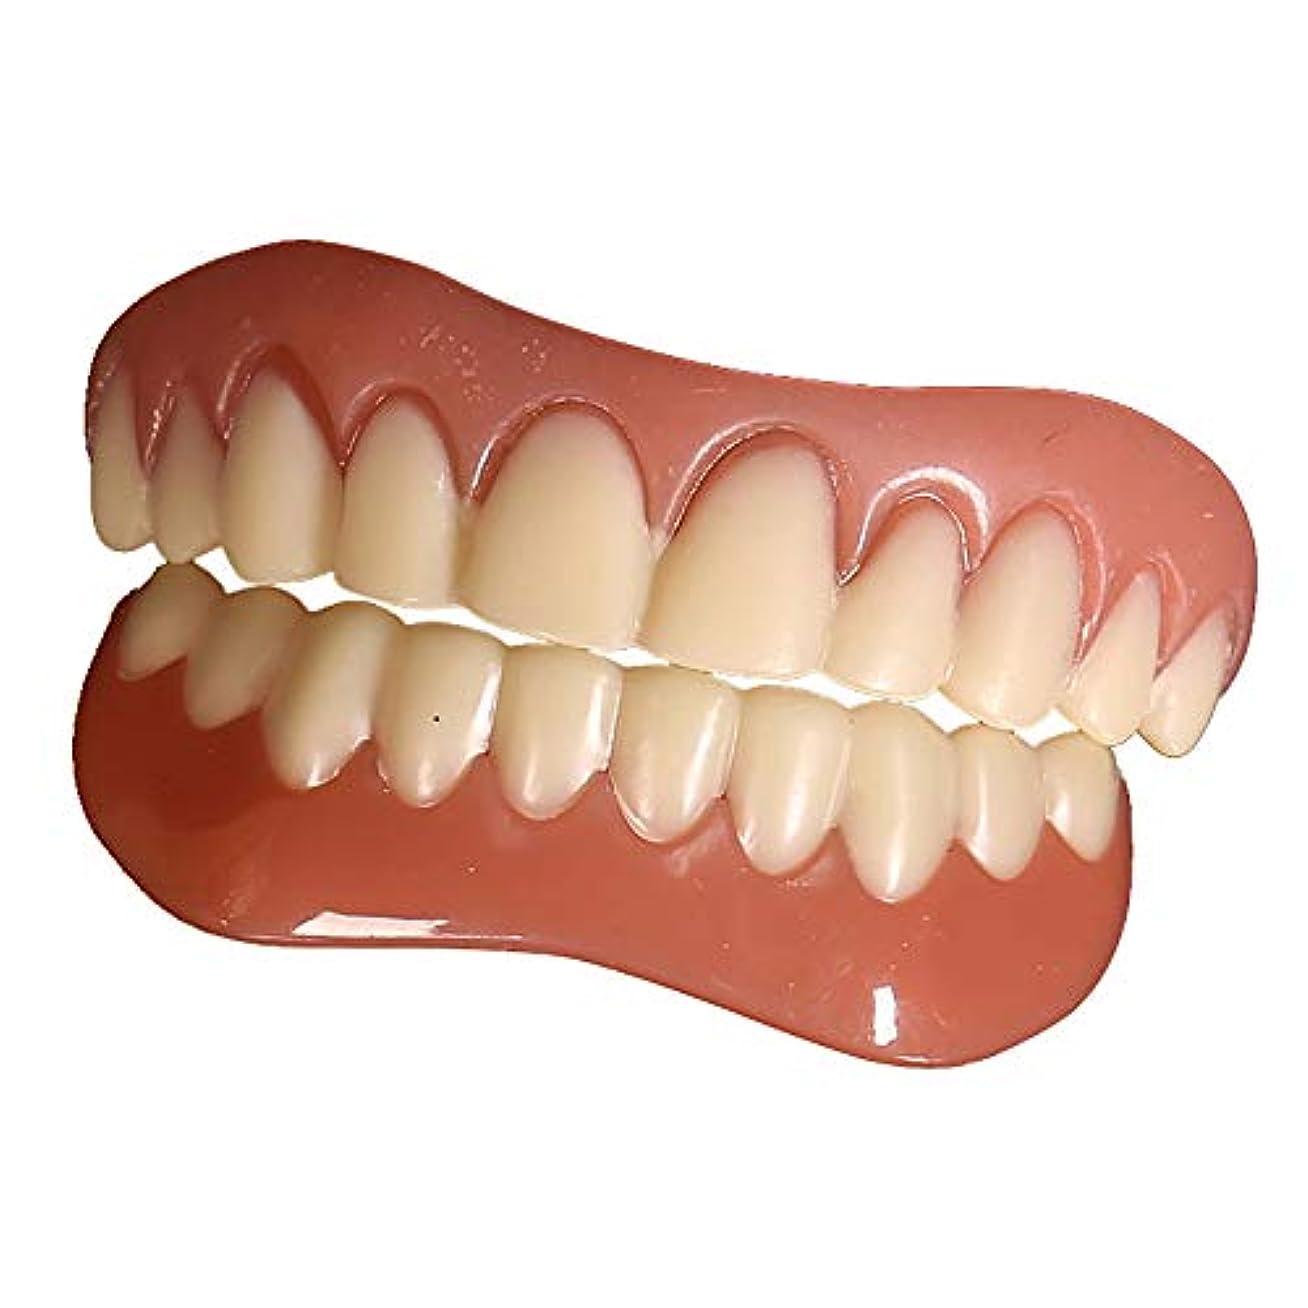 すり減る世論調査洗剤パーフェクトインスタントスマイルティースベニヤインスタントビューティー2本入れ歯2本下歯(フリーサイズ(中))